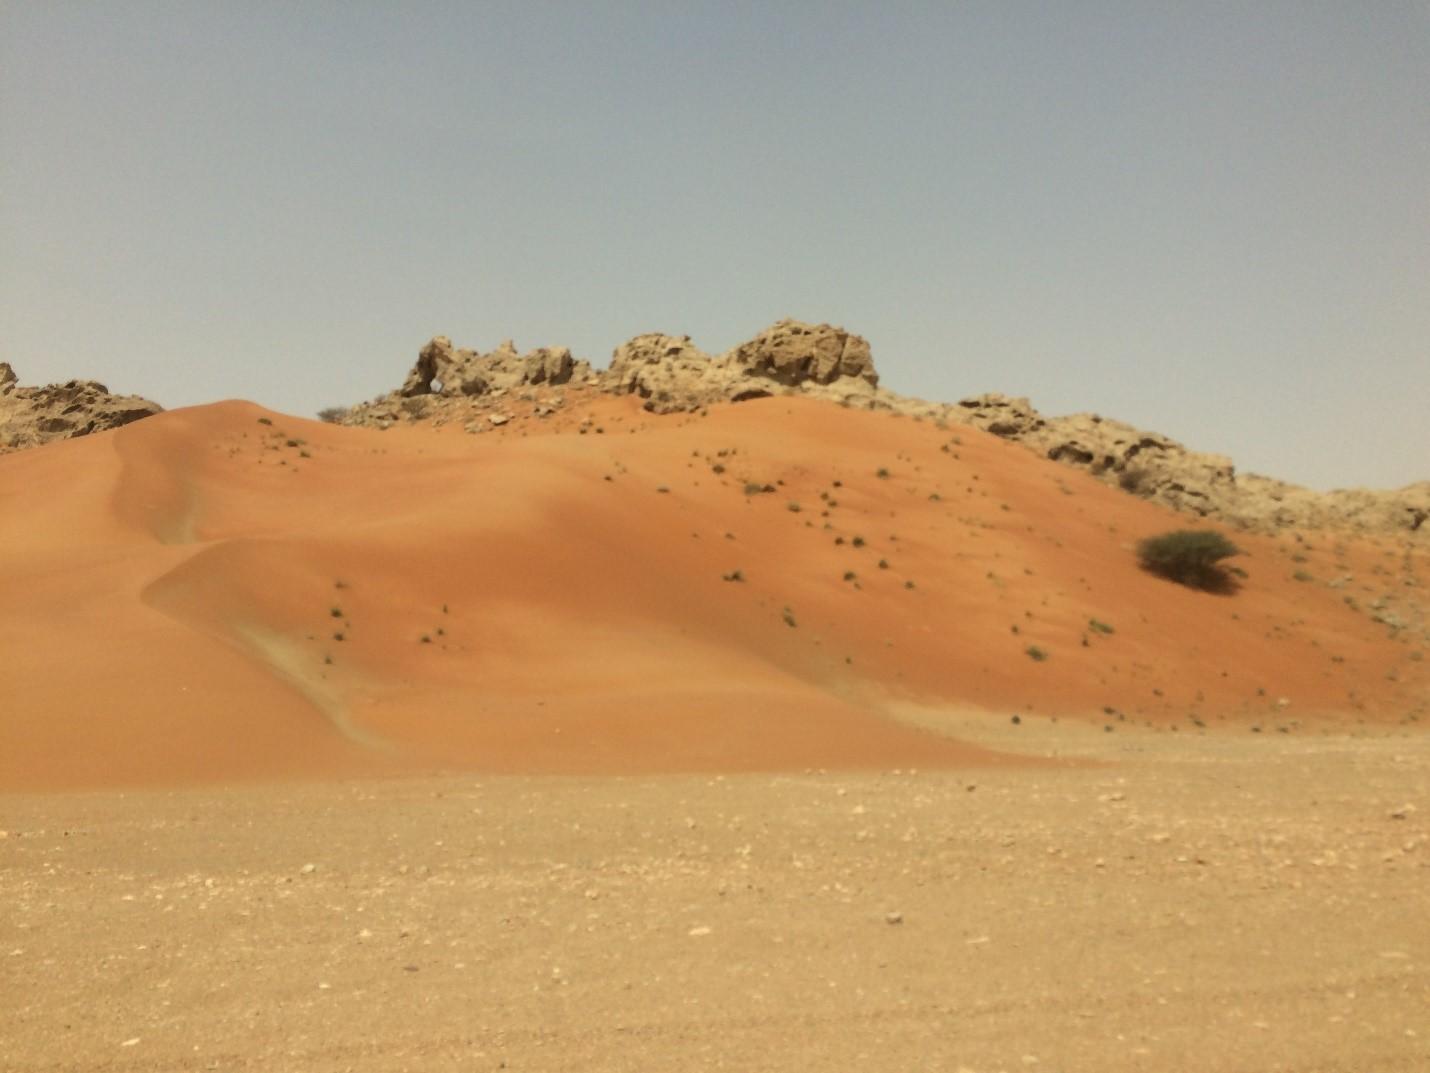 Экскурсия впустыню: археологический центр Млеха